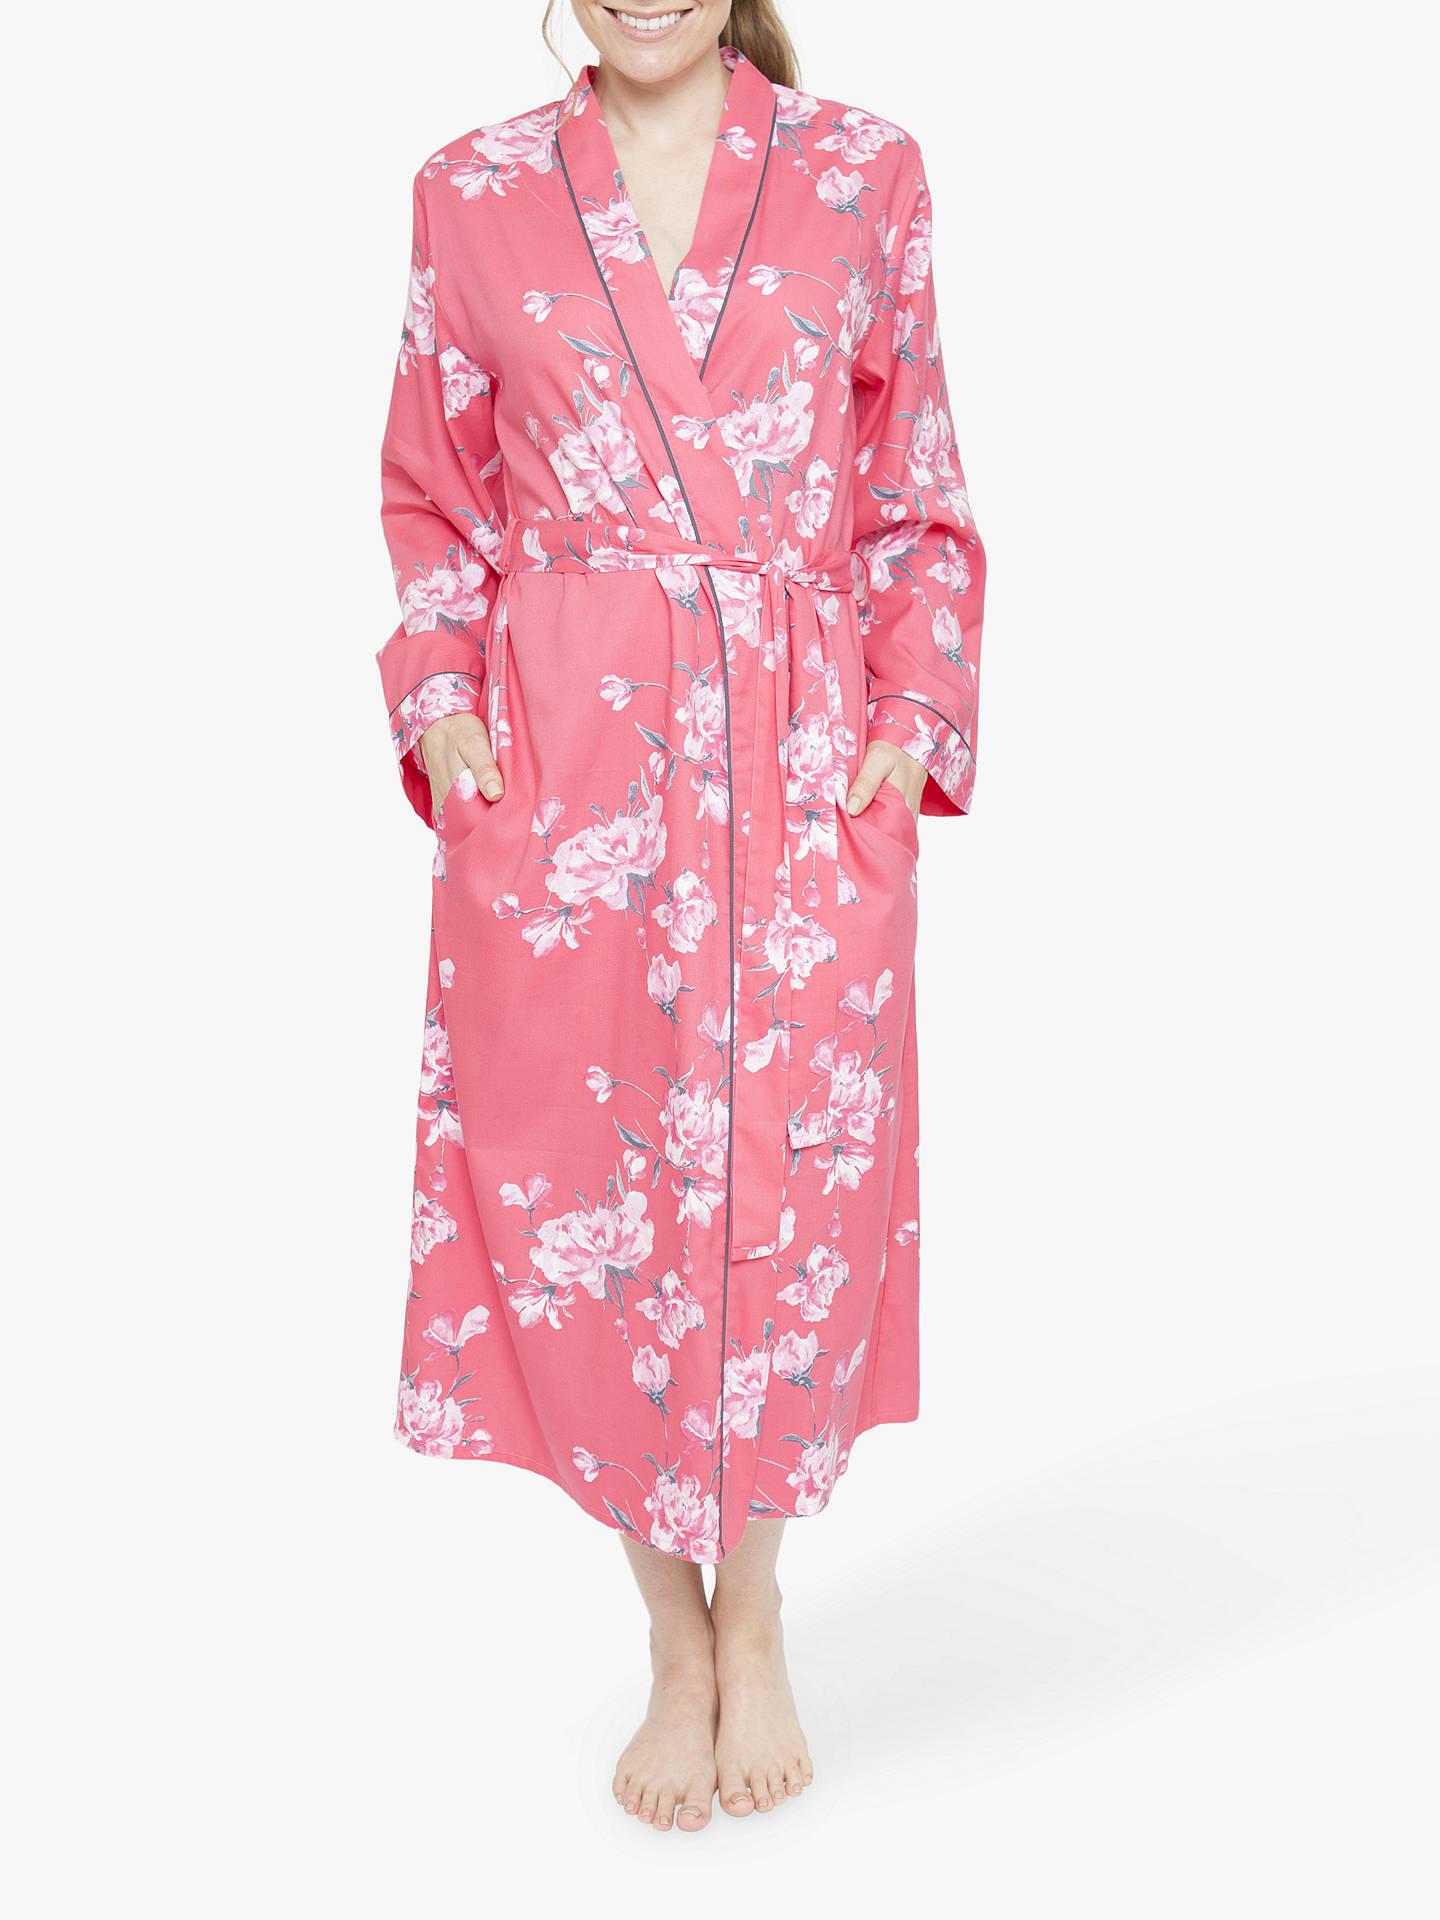 Cyberjammies Chloe Floral Print Dressing Gown Pink At John Lewis